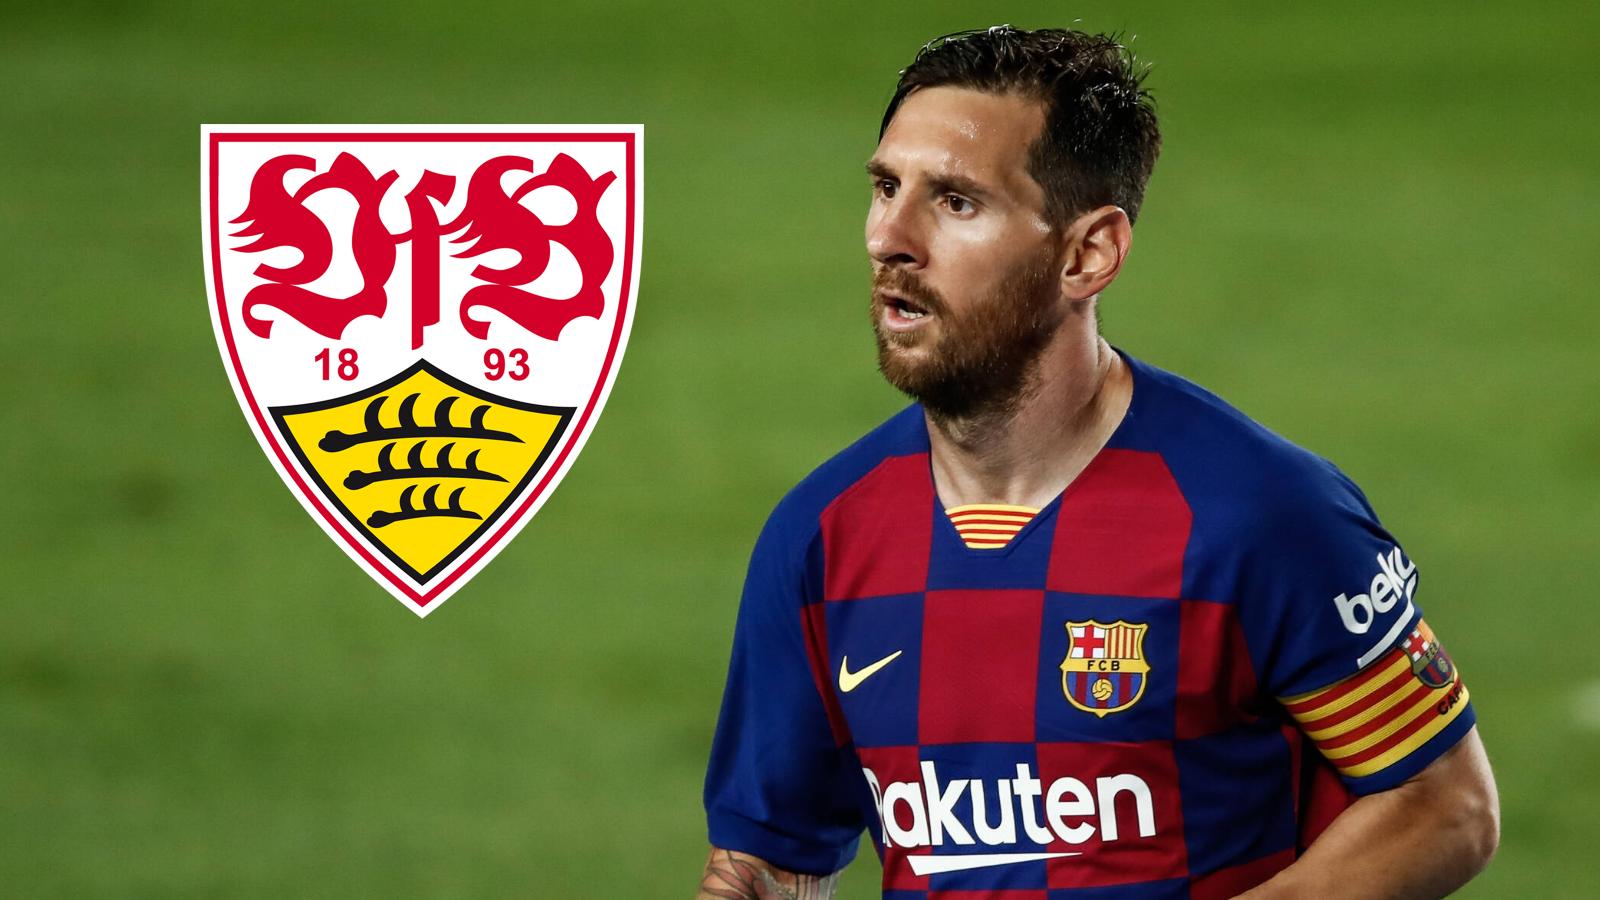 Un fan al lui Stuttgart face chetă pentru a-l aduce pe Messi! Cât a strâns în 5 zile. Sursă foto: goal.com